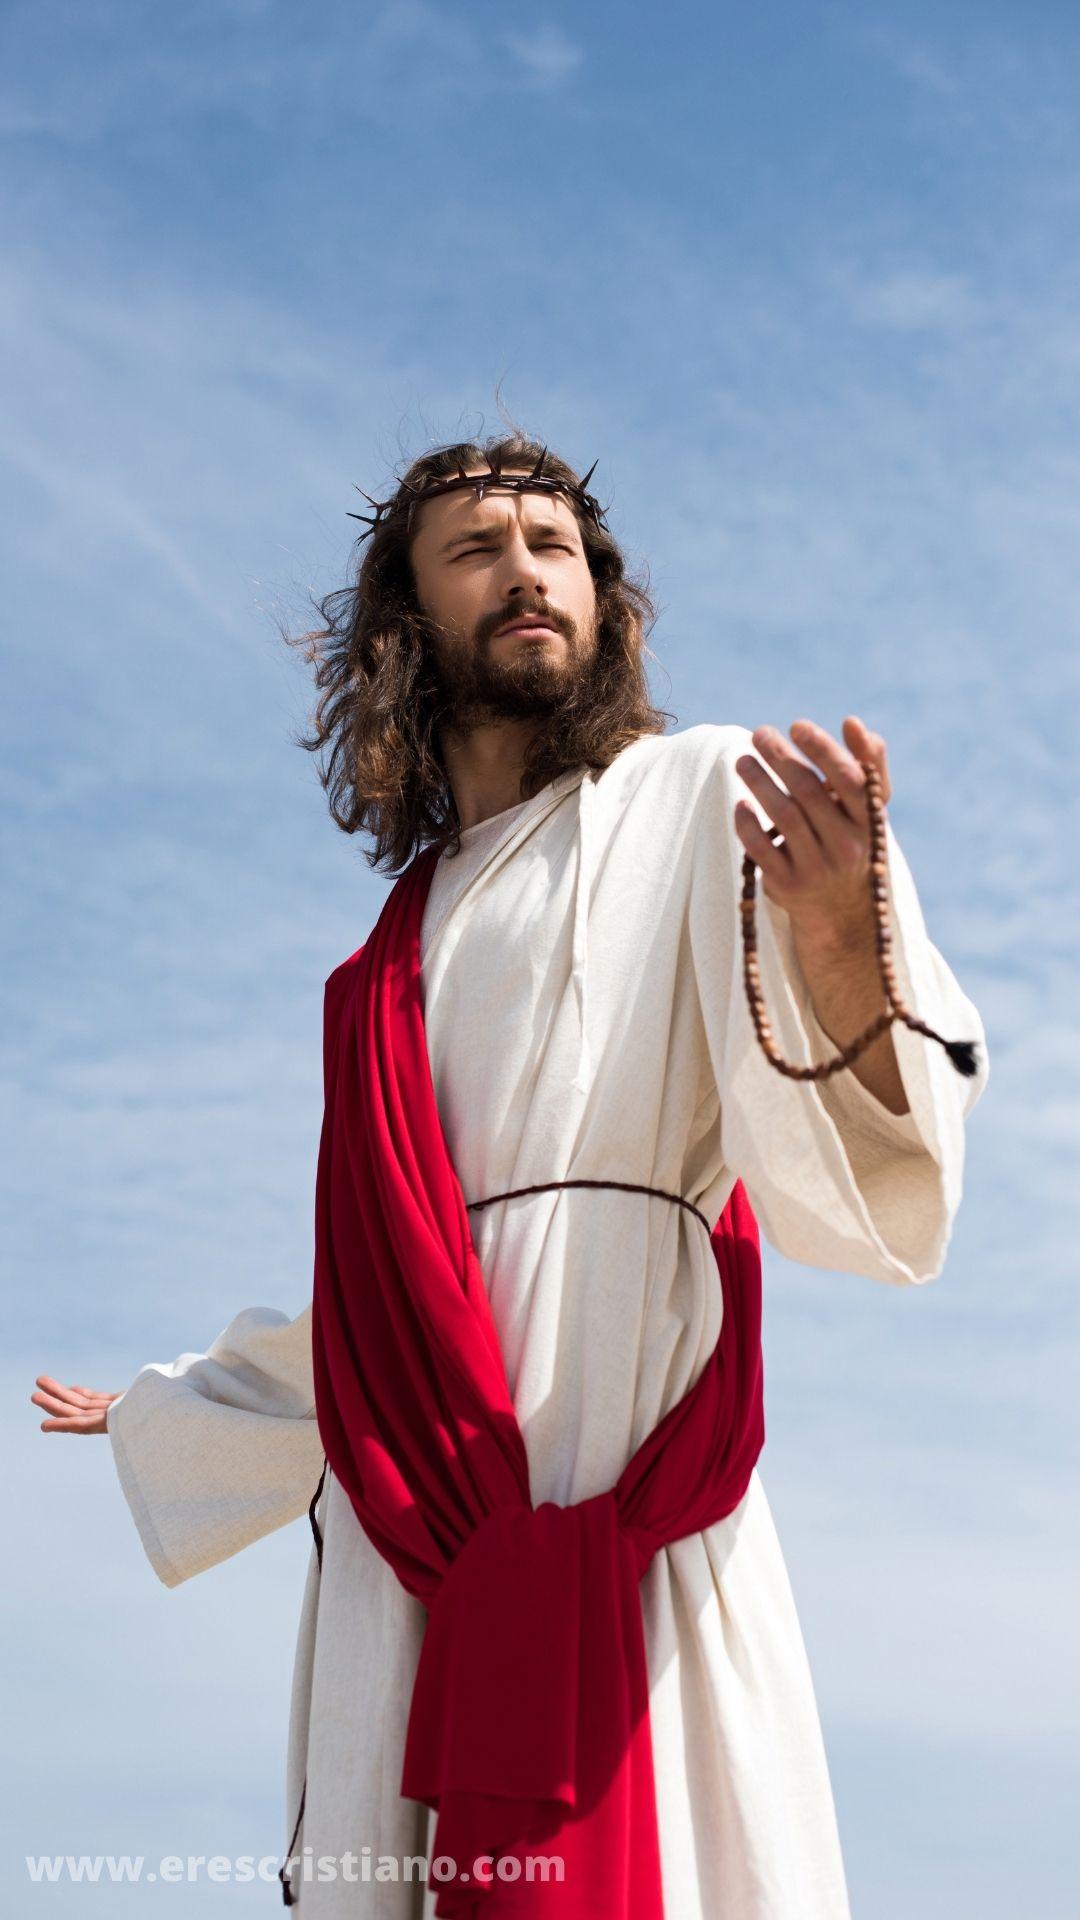 Fondos bonitos de Jesús